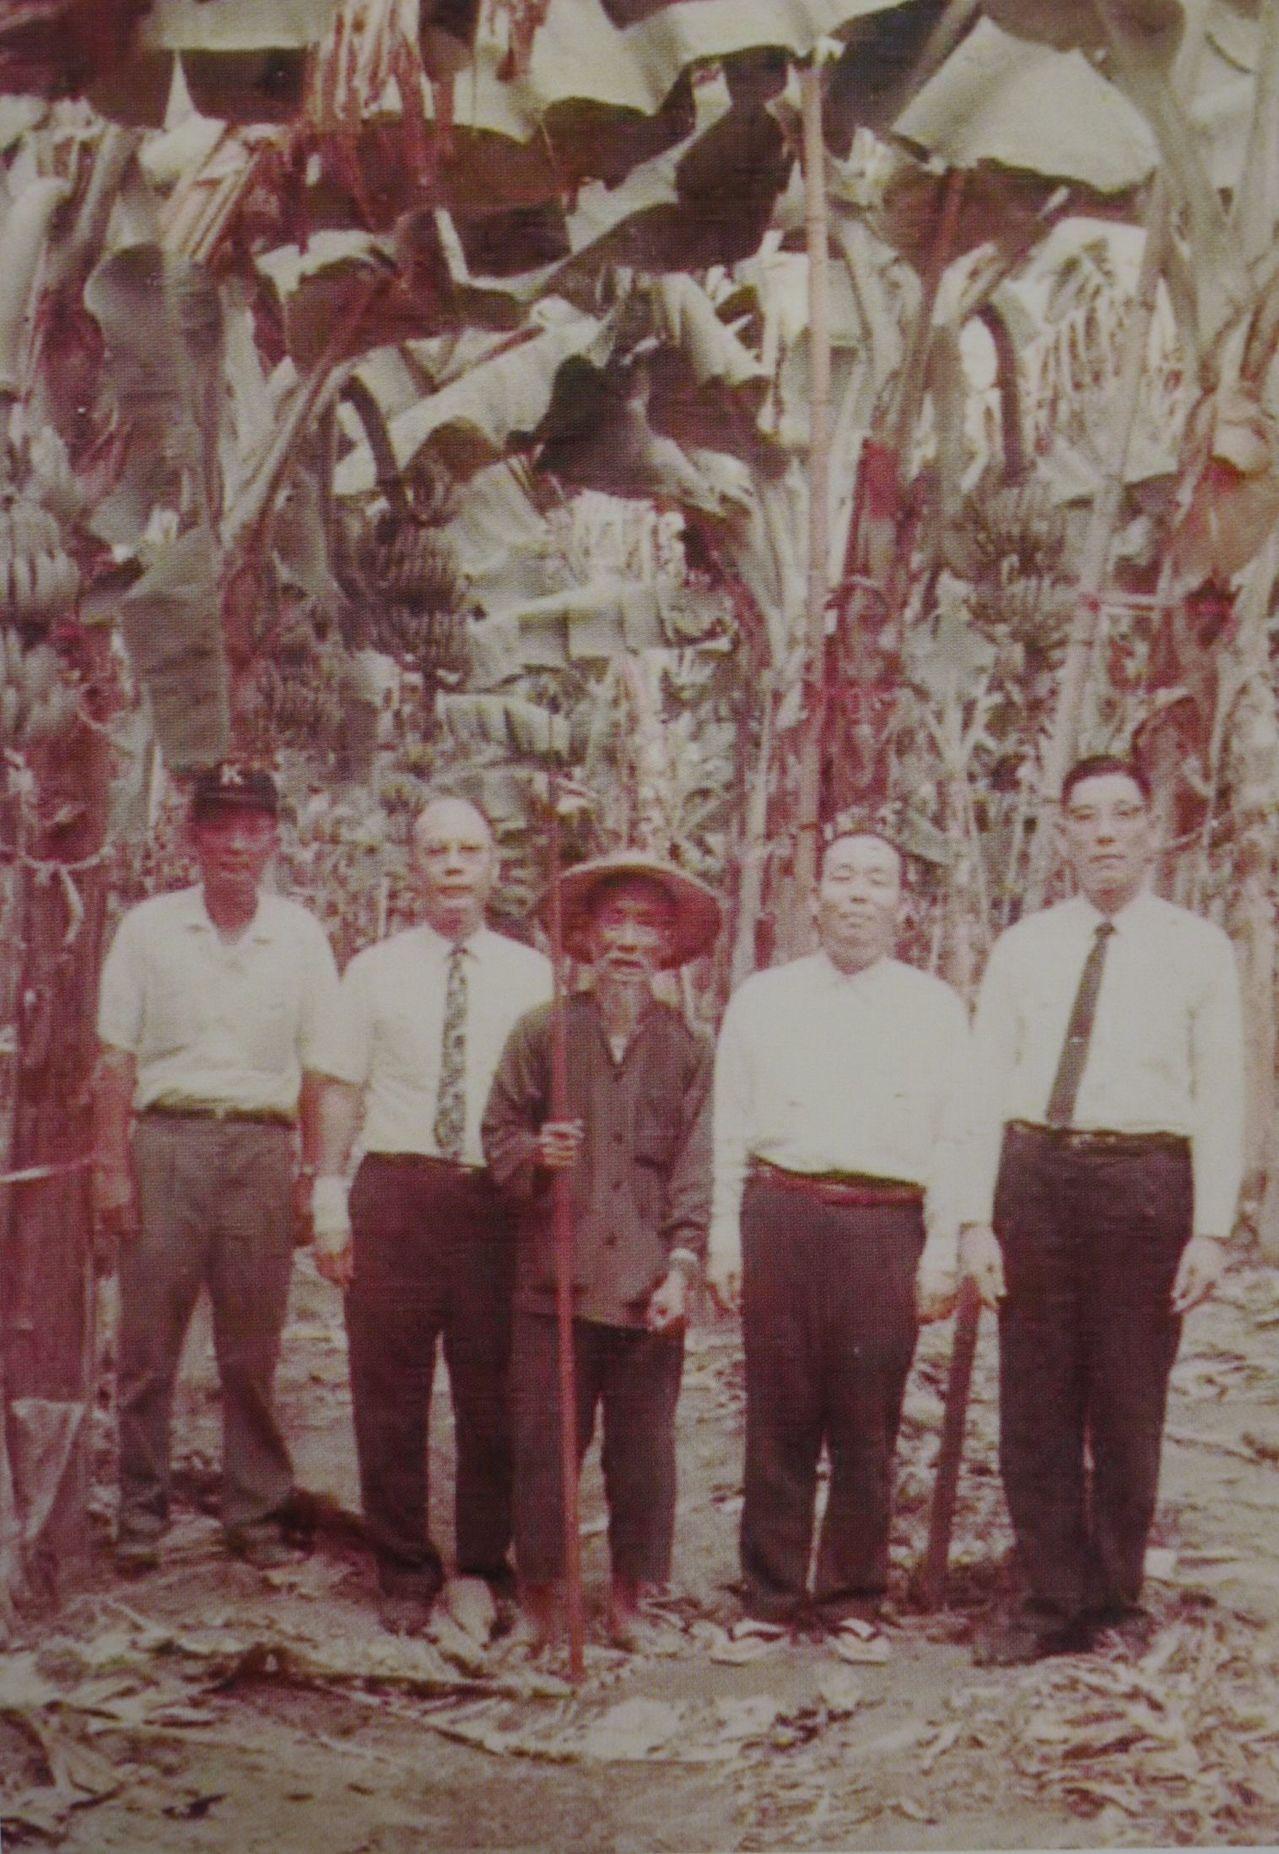 有蕉神之稱的香蕉大王吳振瑞(右一)曾引發轟動一時的金蕉案。圖/旗山區公所提供